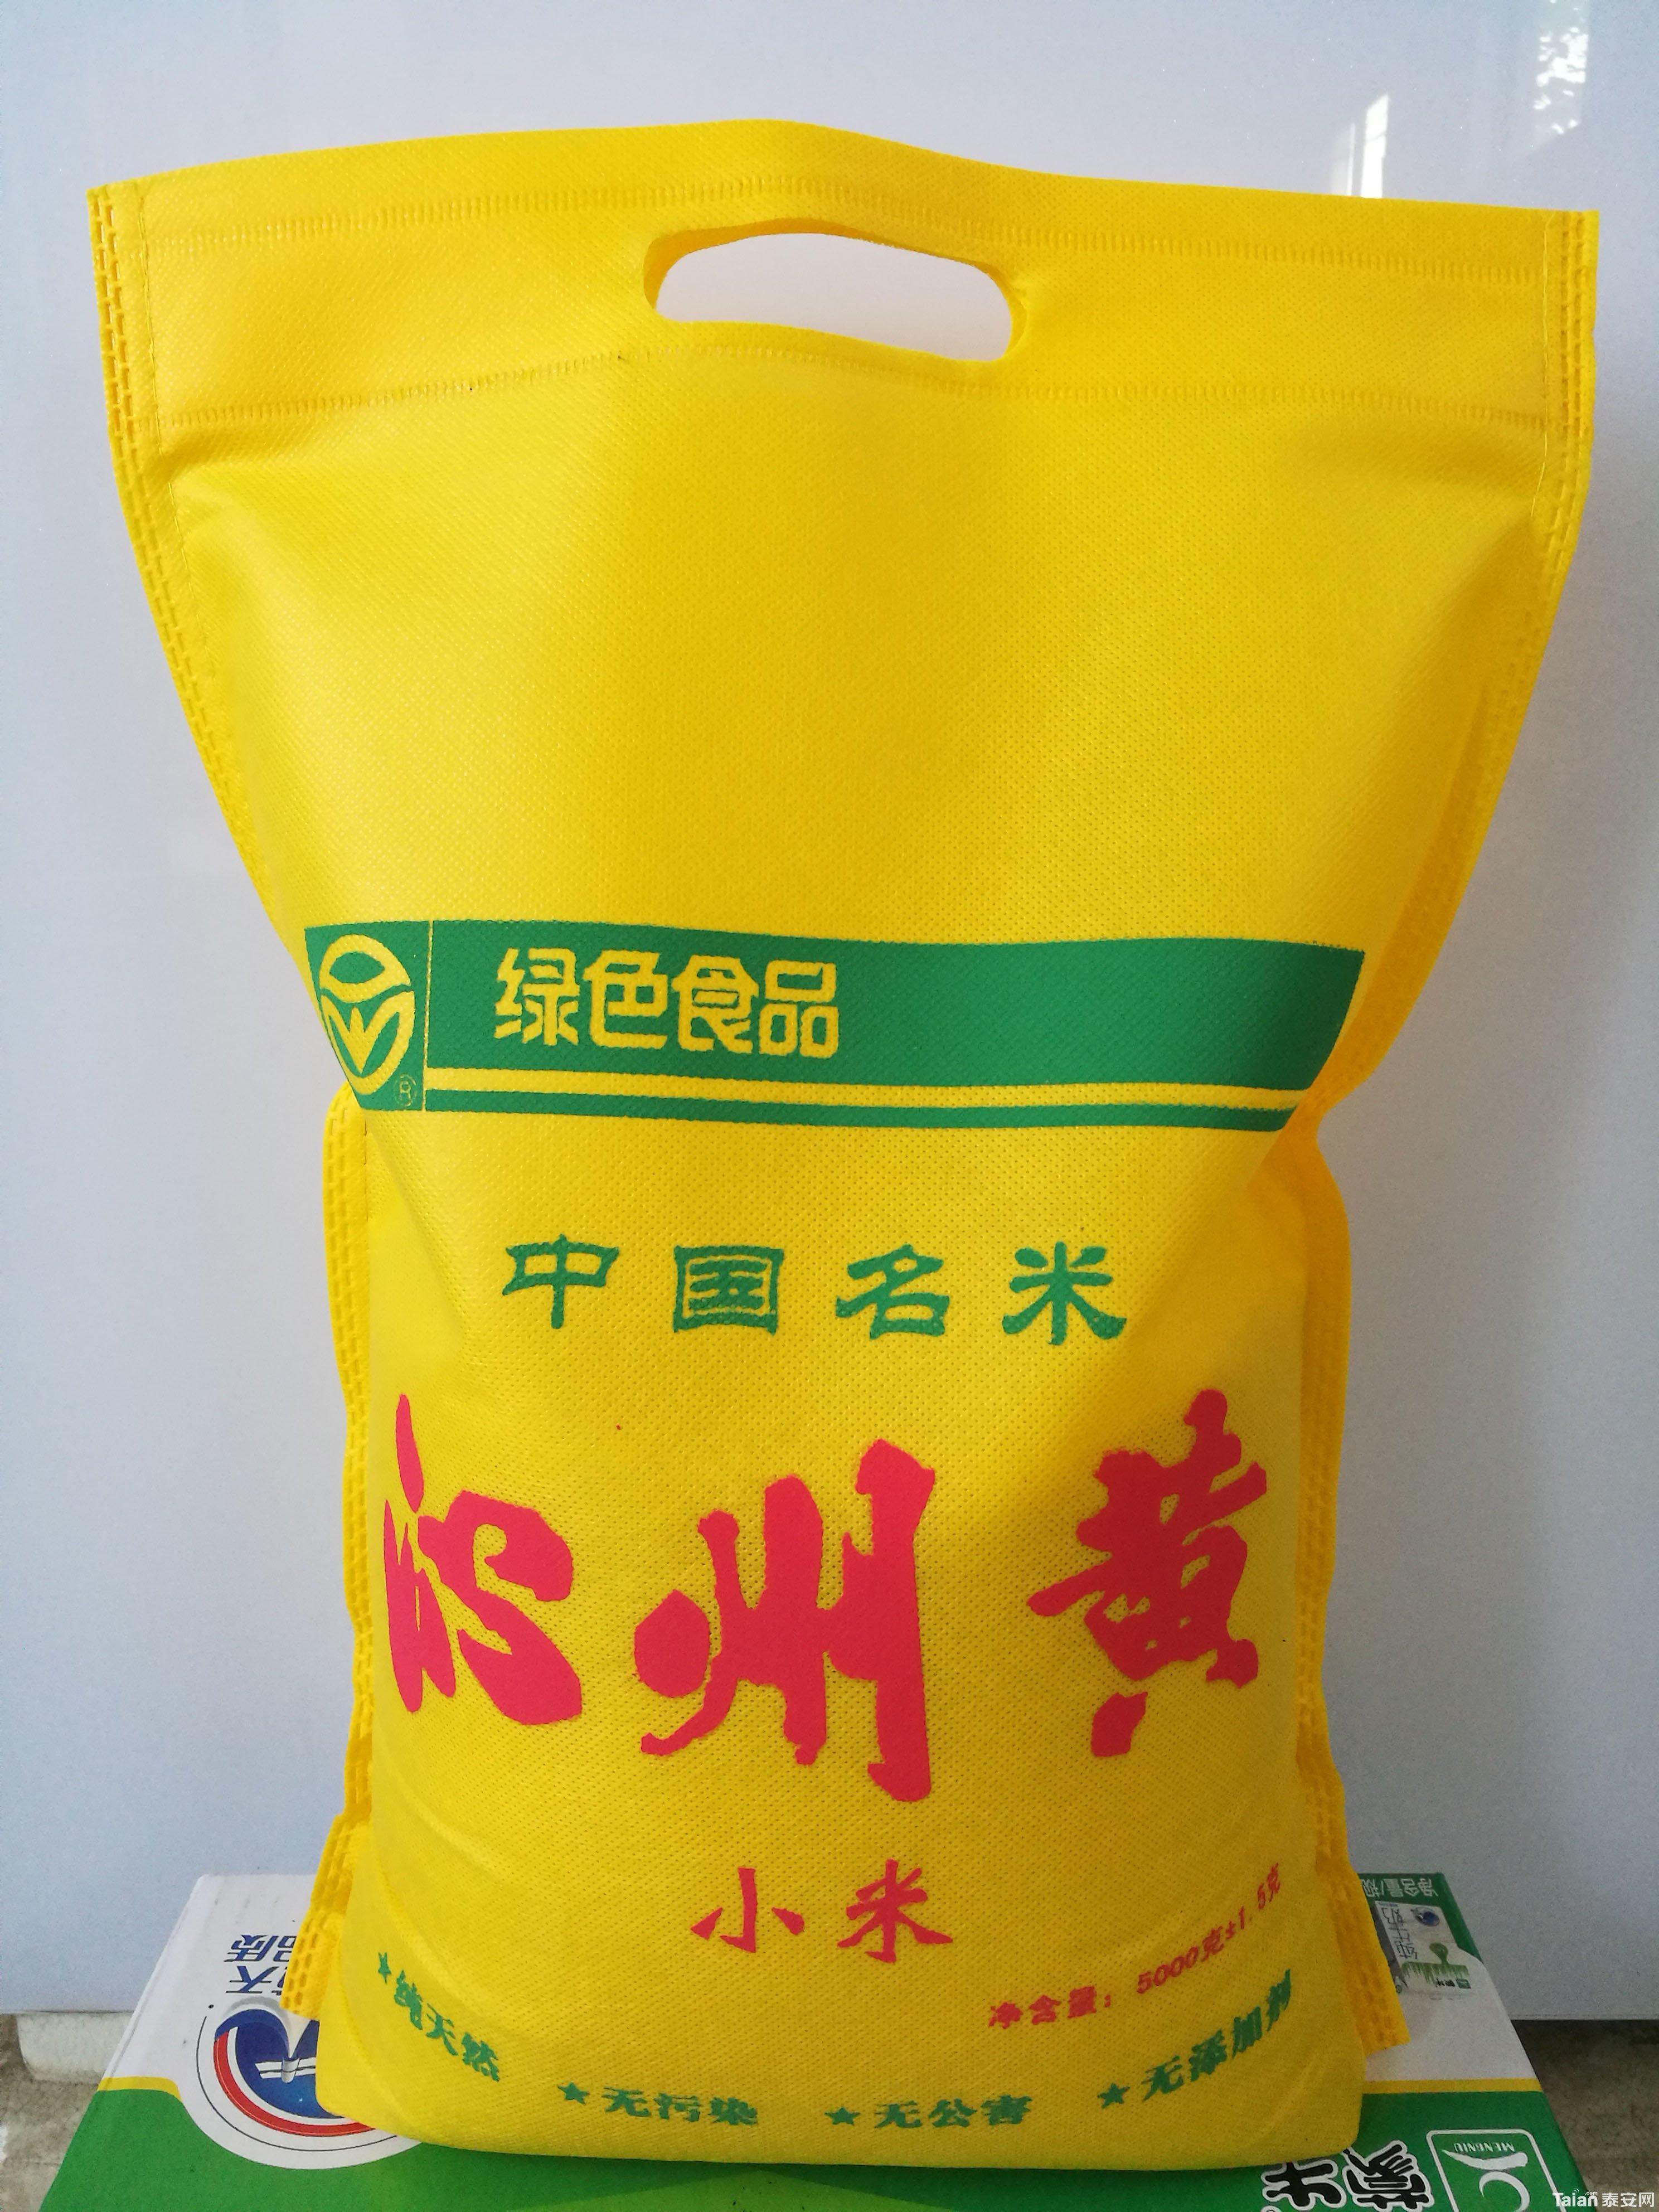 沁州黄小米袋.jpg